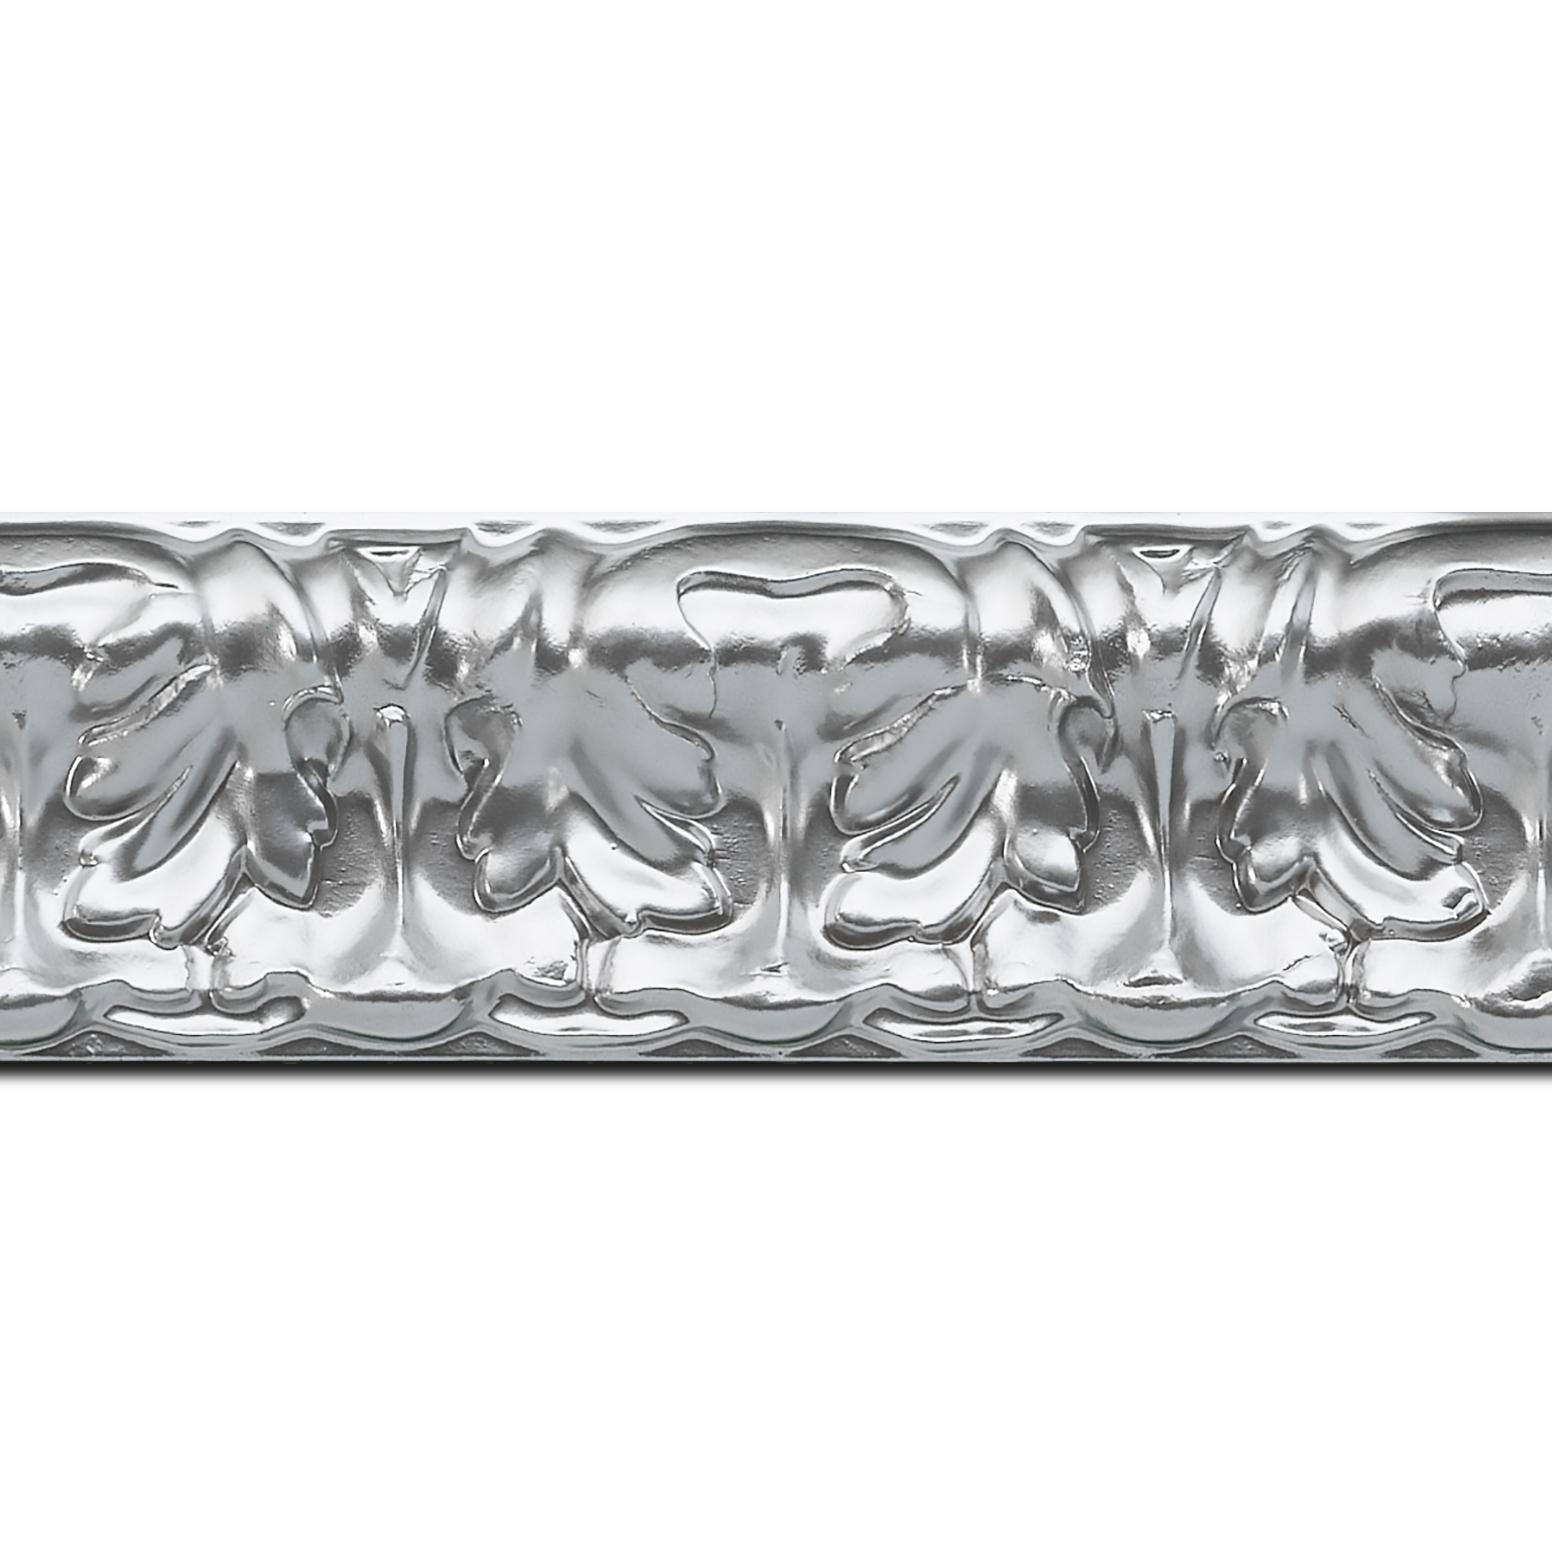 Pack par 12m, bois profil incurvé largeur 5.3cm couleur argent ckromé  style baroque (longueur baguette pouvant varier entre 2.40m et 3m selon arrivage des bois)